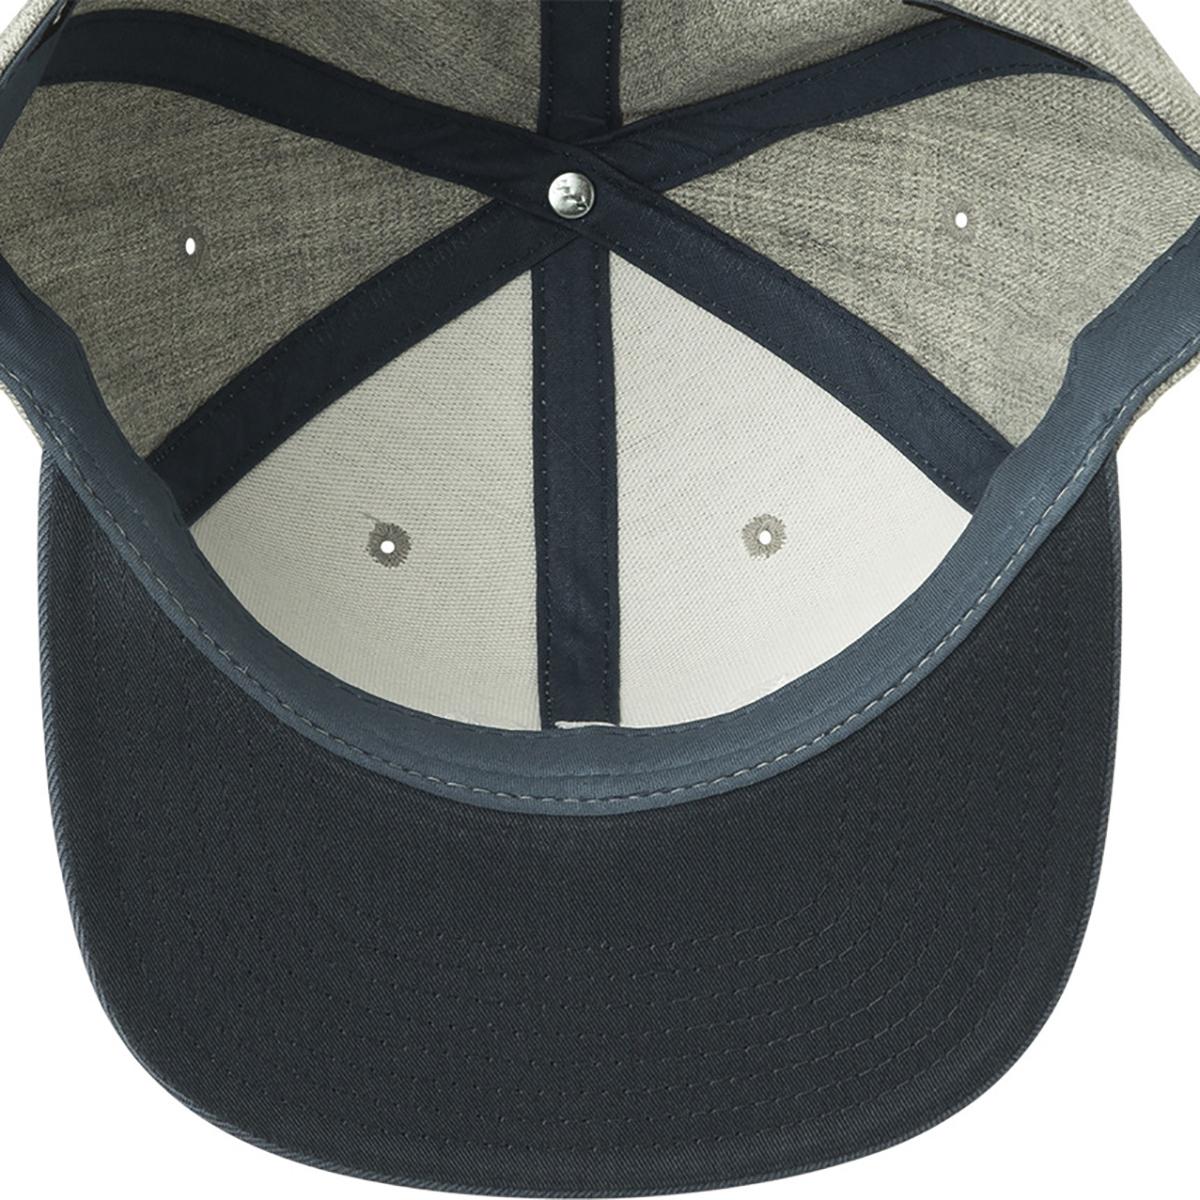 RVCA VA Snapback II Adjustable Mid-Fit Hat  251f5c396848